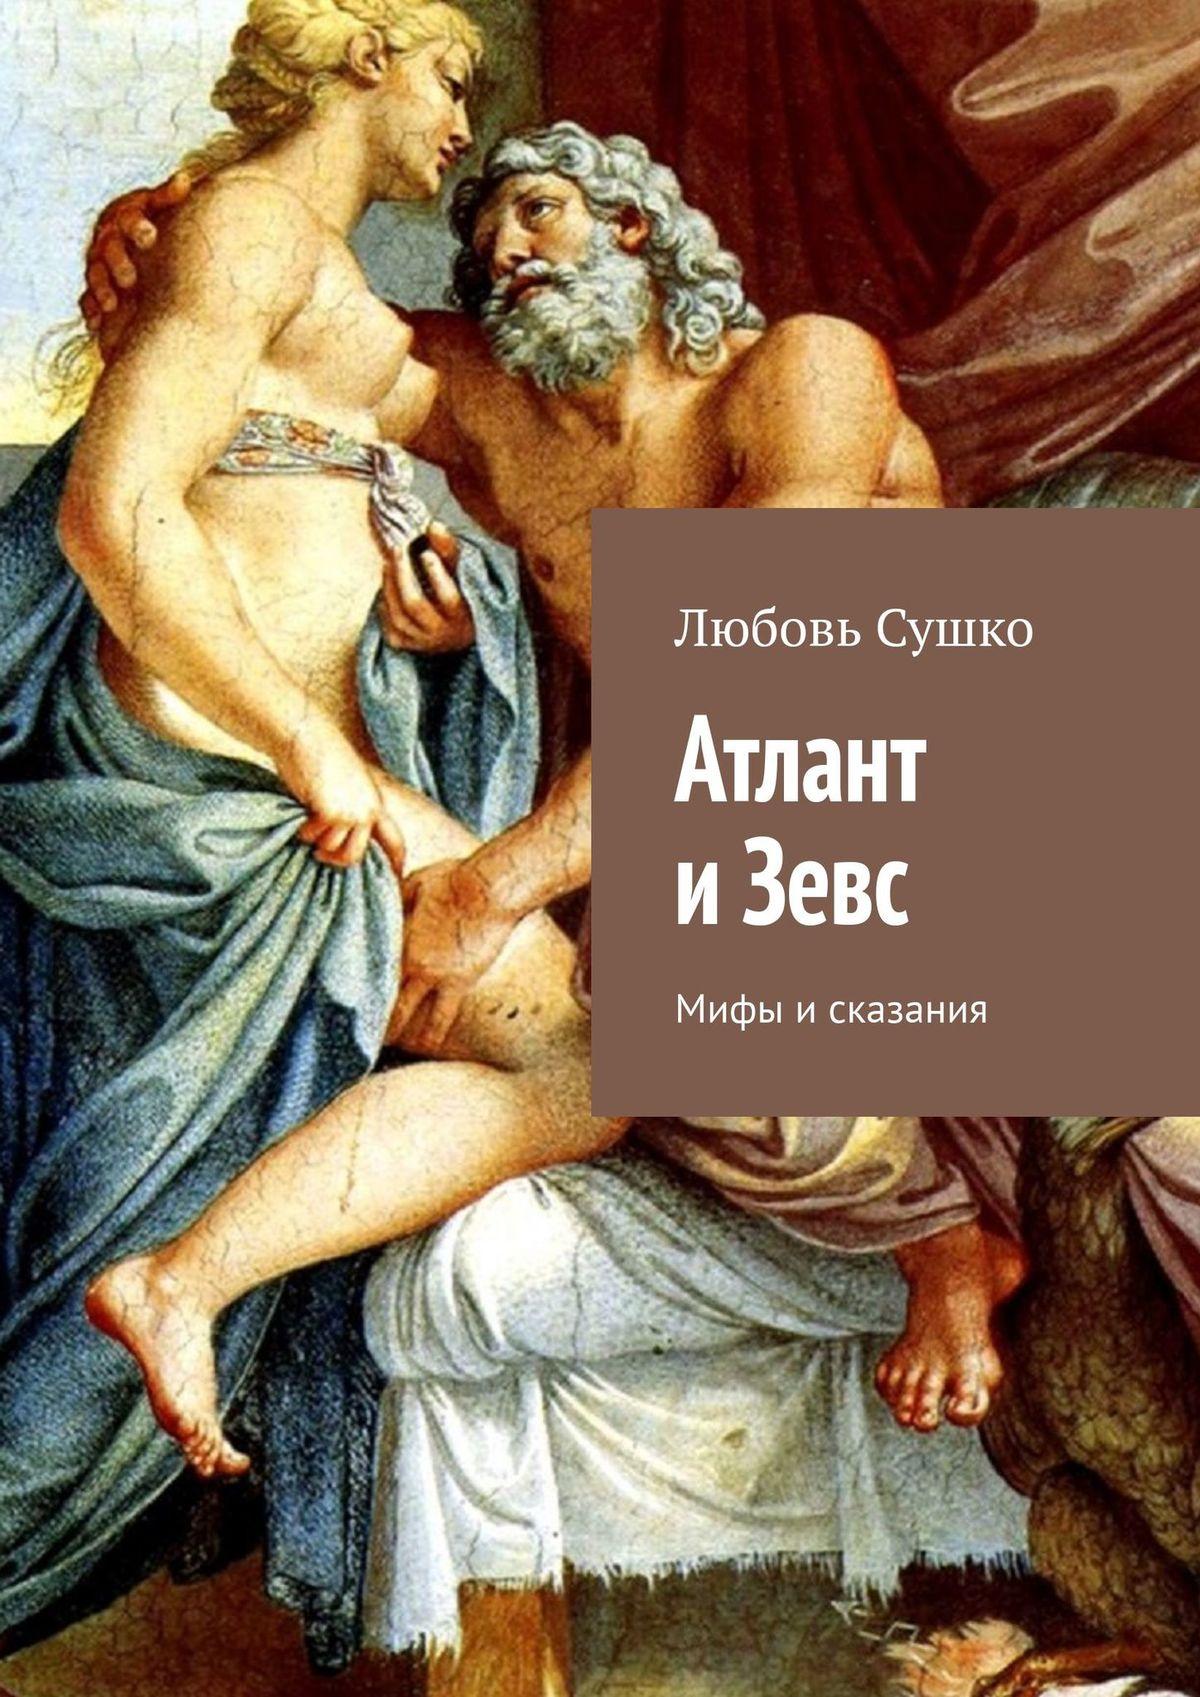 Любовь Сушко Атлант иЗевс. Мифы исказания цена в Москве и Питере